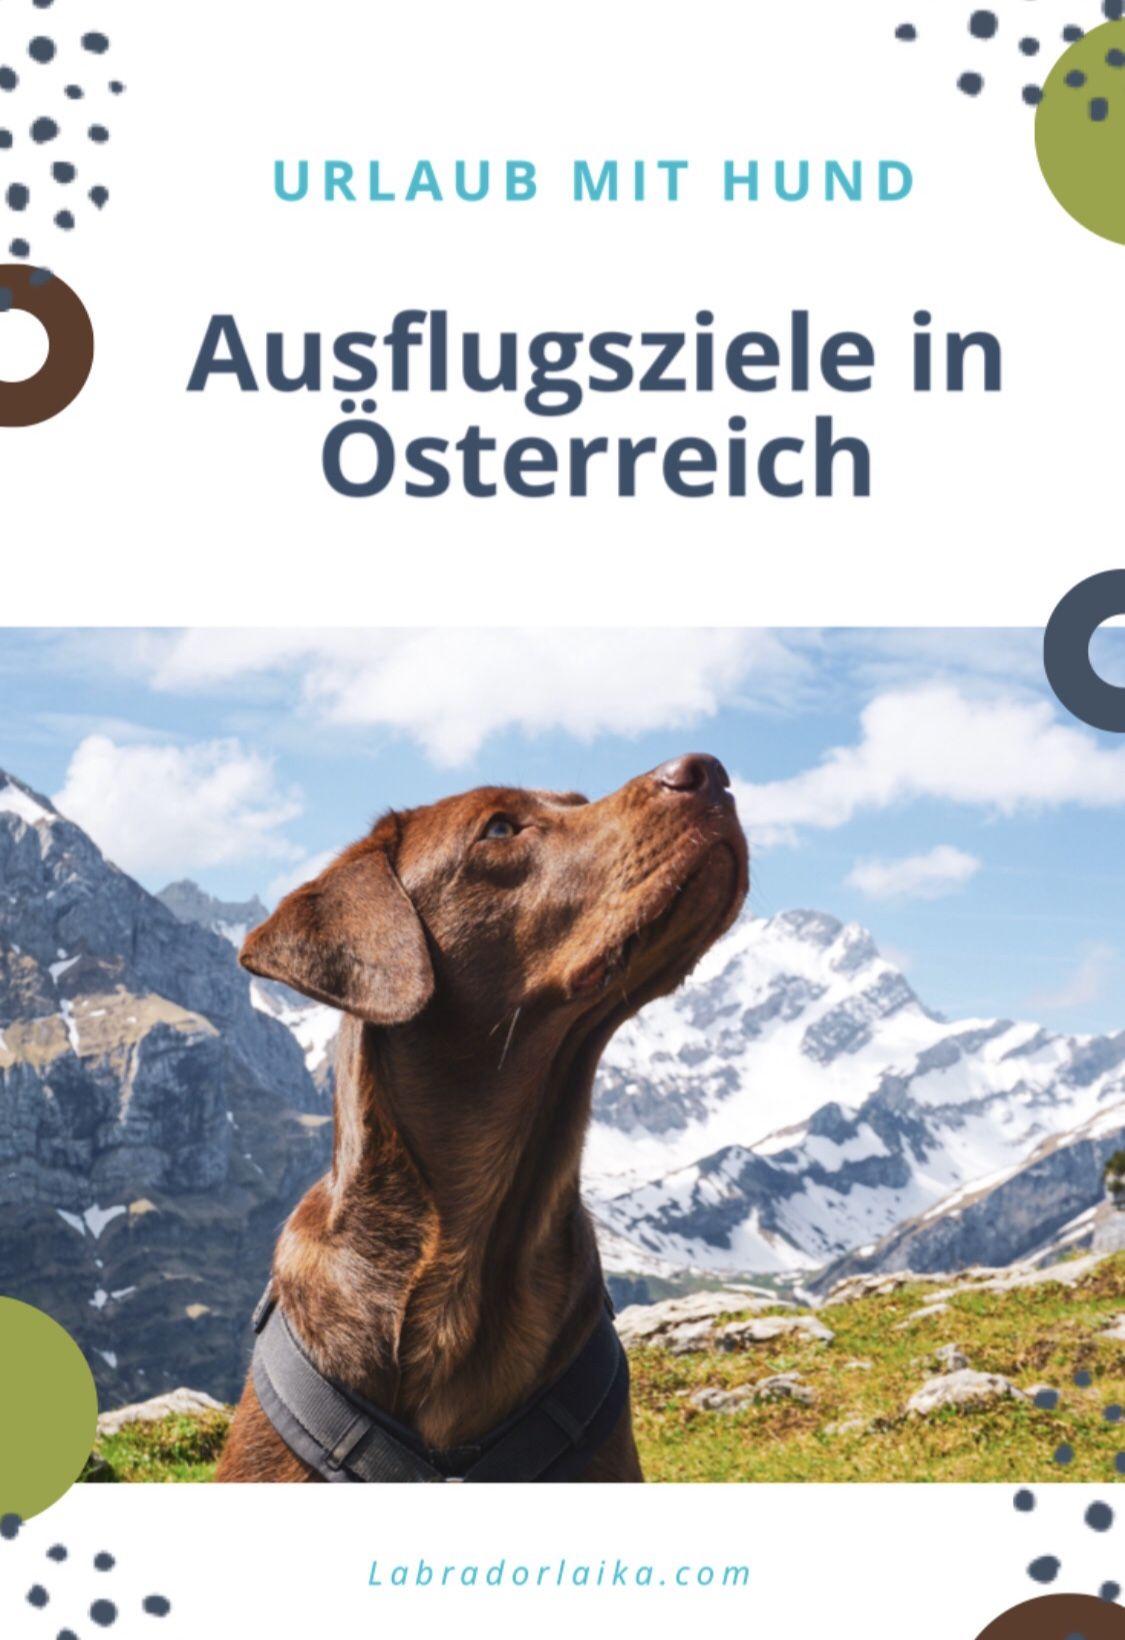 Urlaub Mit Hund Ausflugsziele In Osterreich Midoggy Community In 2020 Urlaub Mit Hund Urlaub Mit Hund Osterreich Urlaub